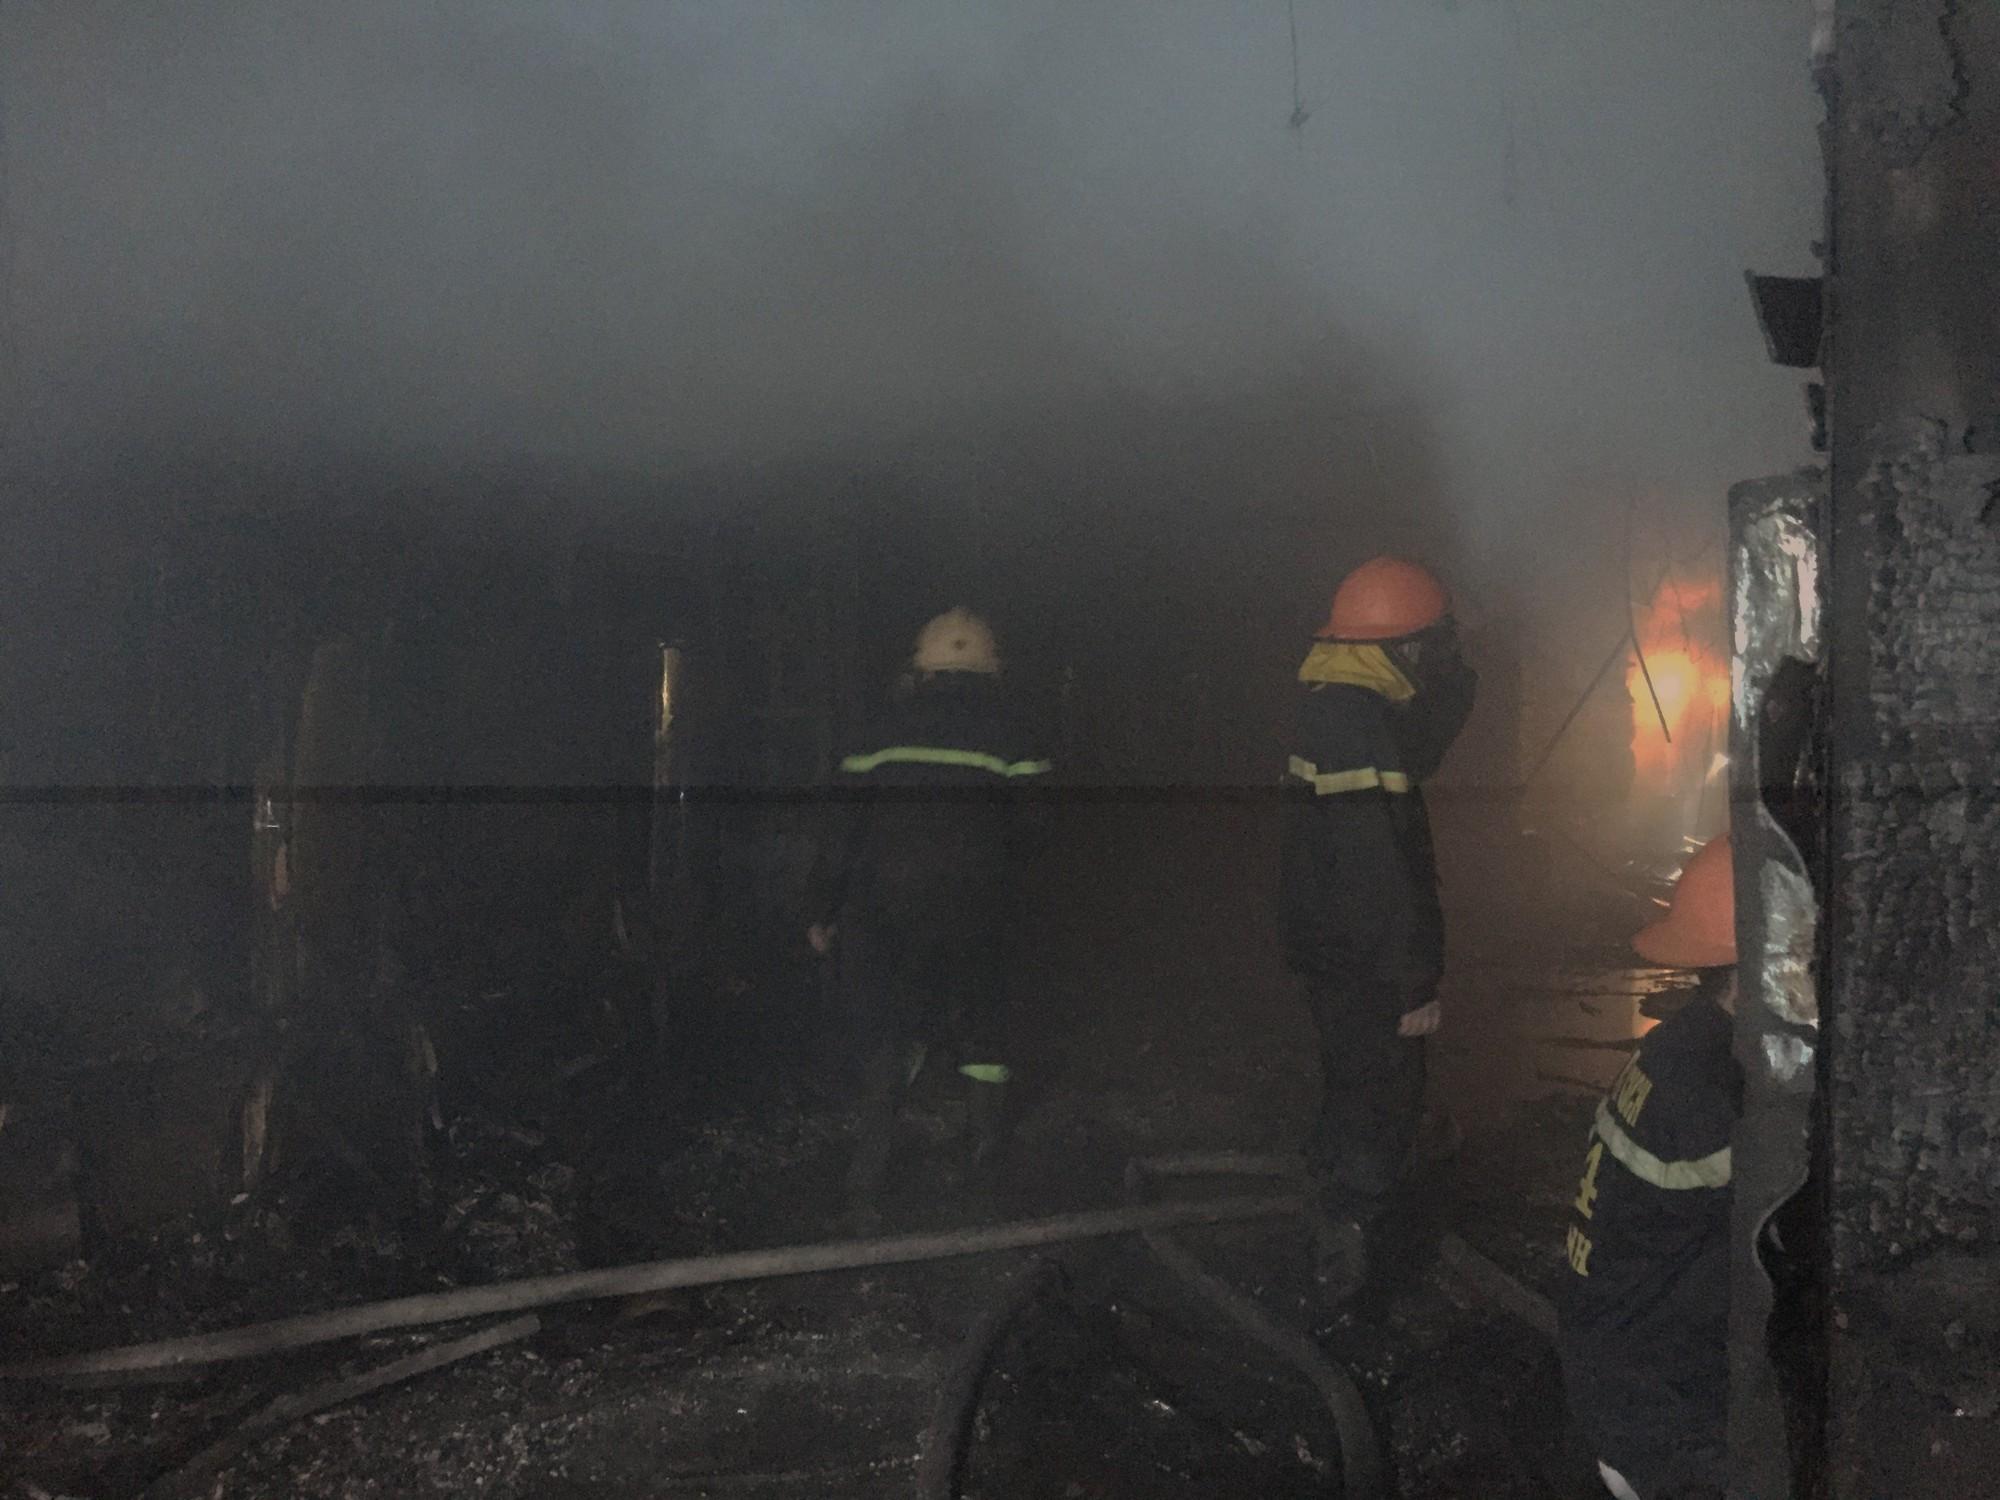 Chùm ảnh: Khung cảnh tan hoang bên trong quán karaoke Kingdom Club Hà Tĩnh sau hỏa hoạn - Ảnh 2.